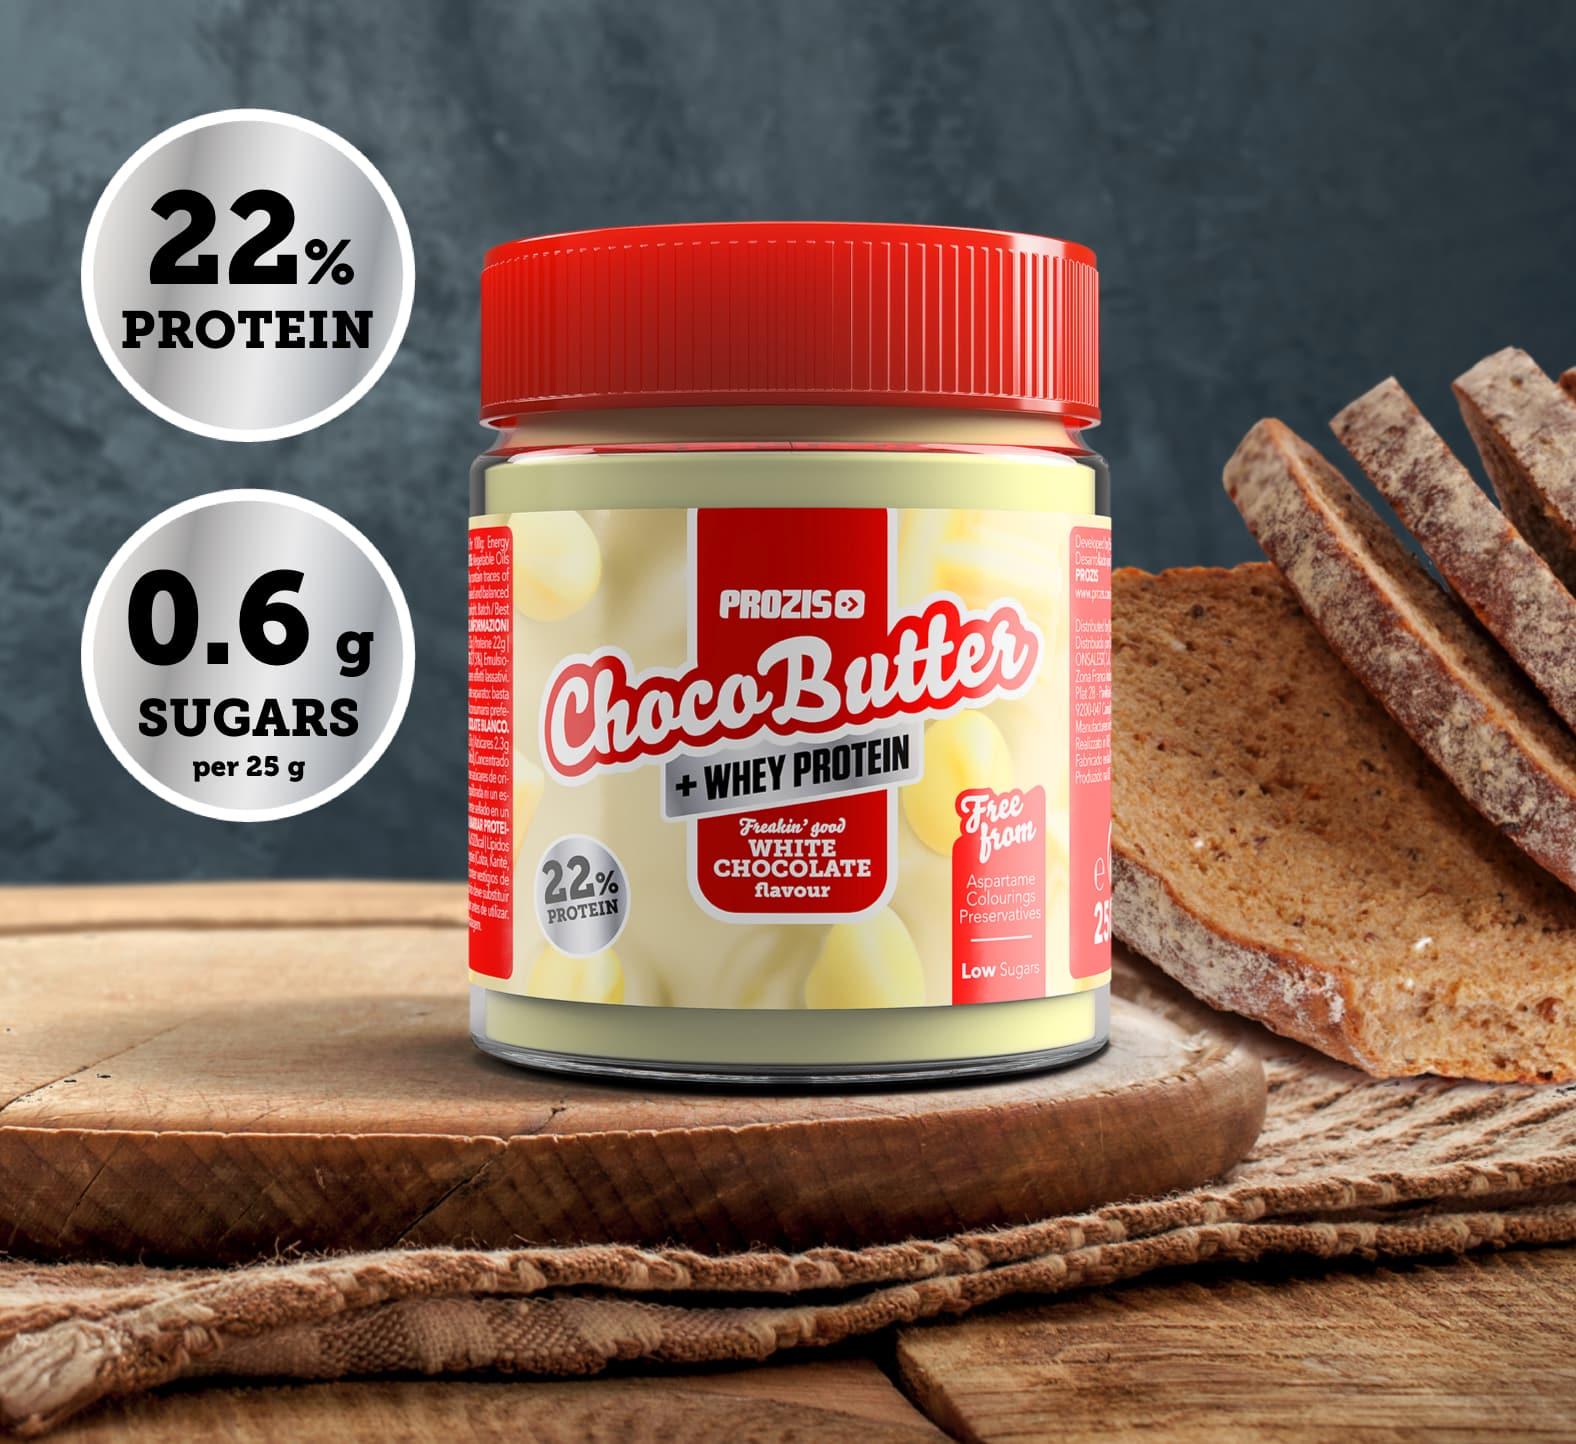 prozis-whey-choco-butter--white-choco---header_1576x1444_448896_495400.jpg